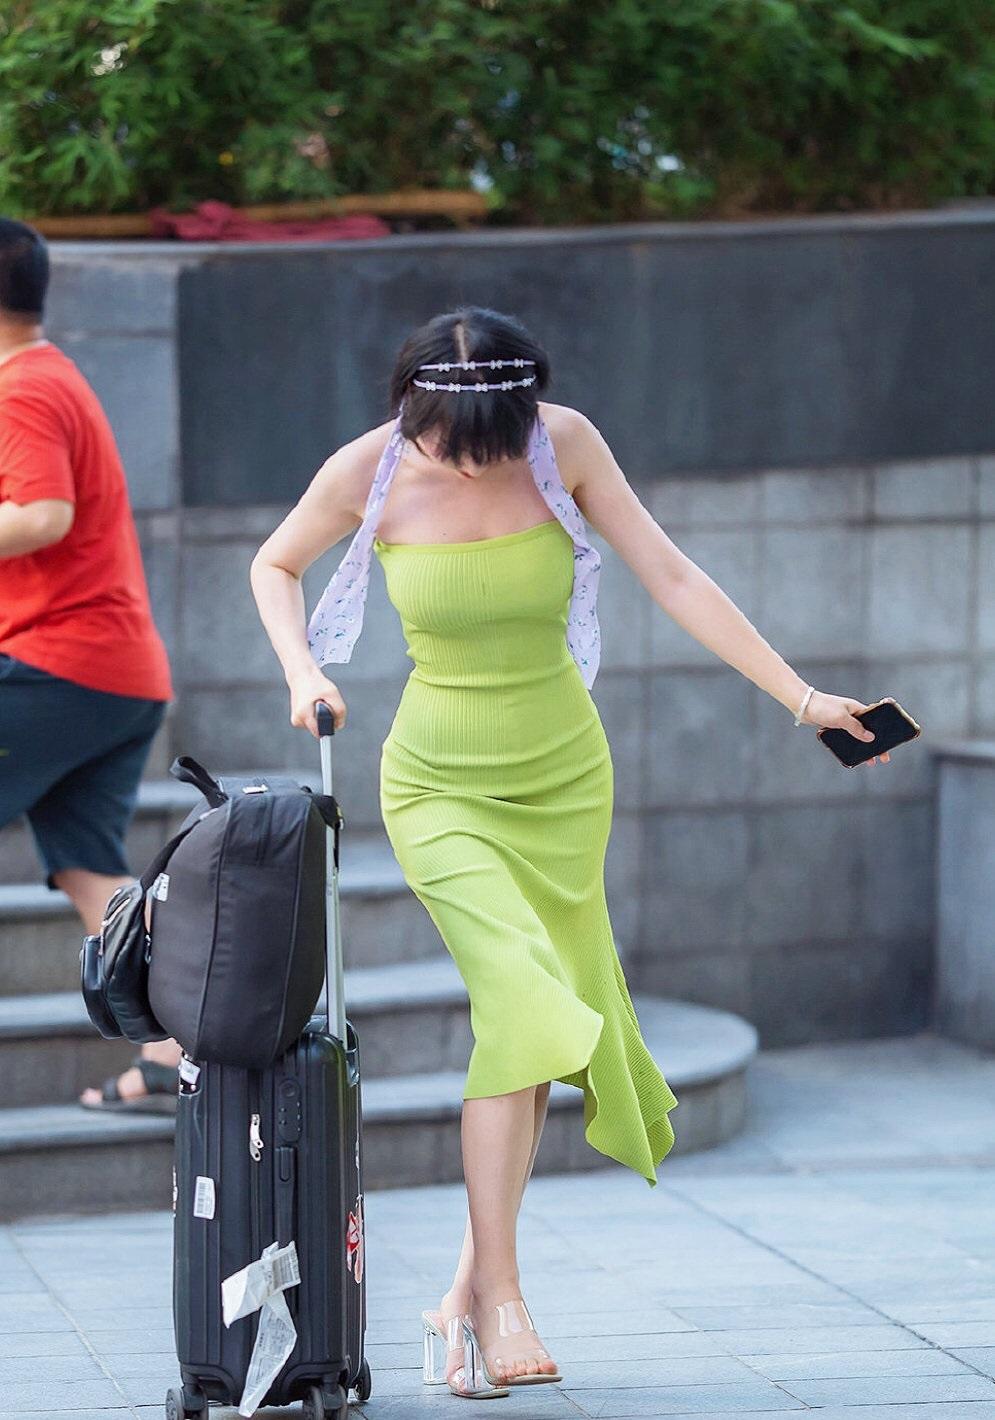 真的很担心这样裙子会不会掉下来? 涨姿势 第1张